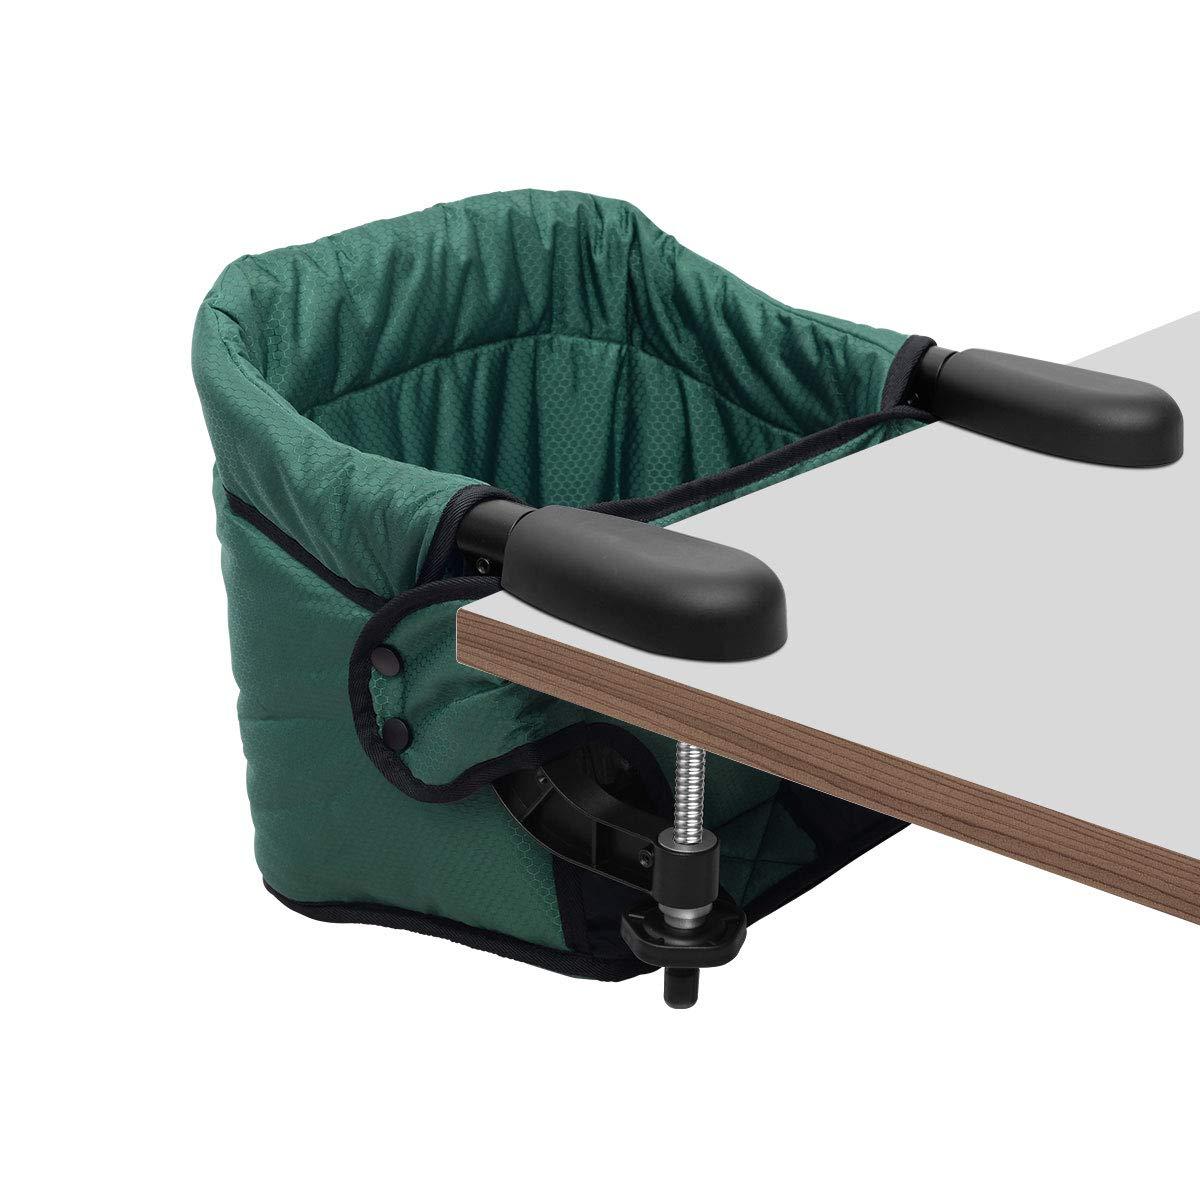 Портативный детский стульчик для кормления, складной стул для кормления, ремень безопасности, обеденный крючок для стула, упряжь, детский